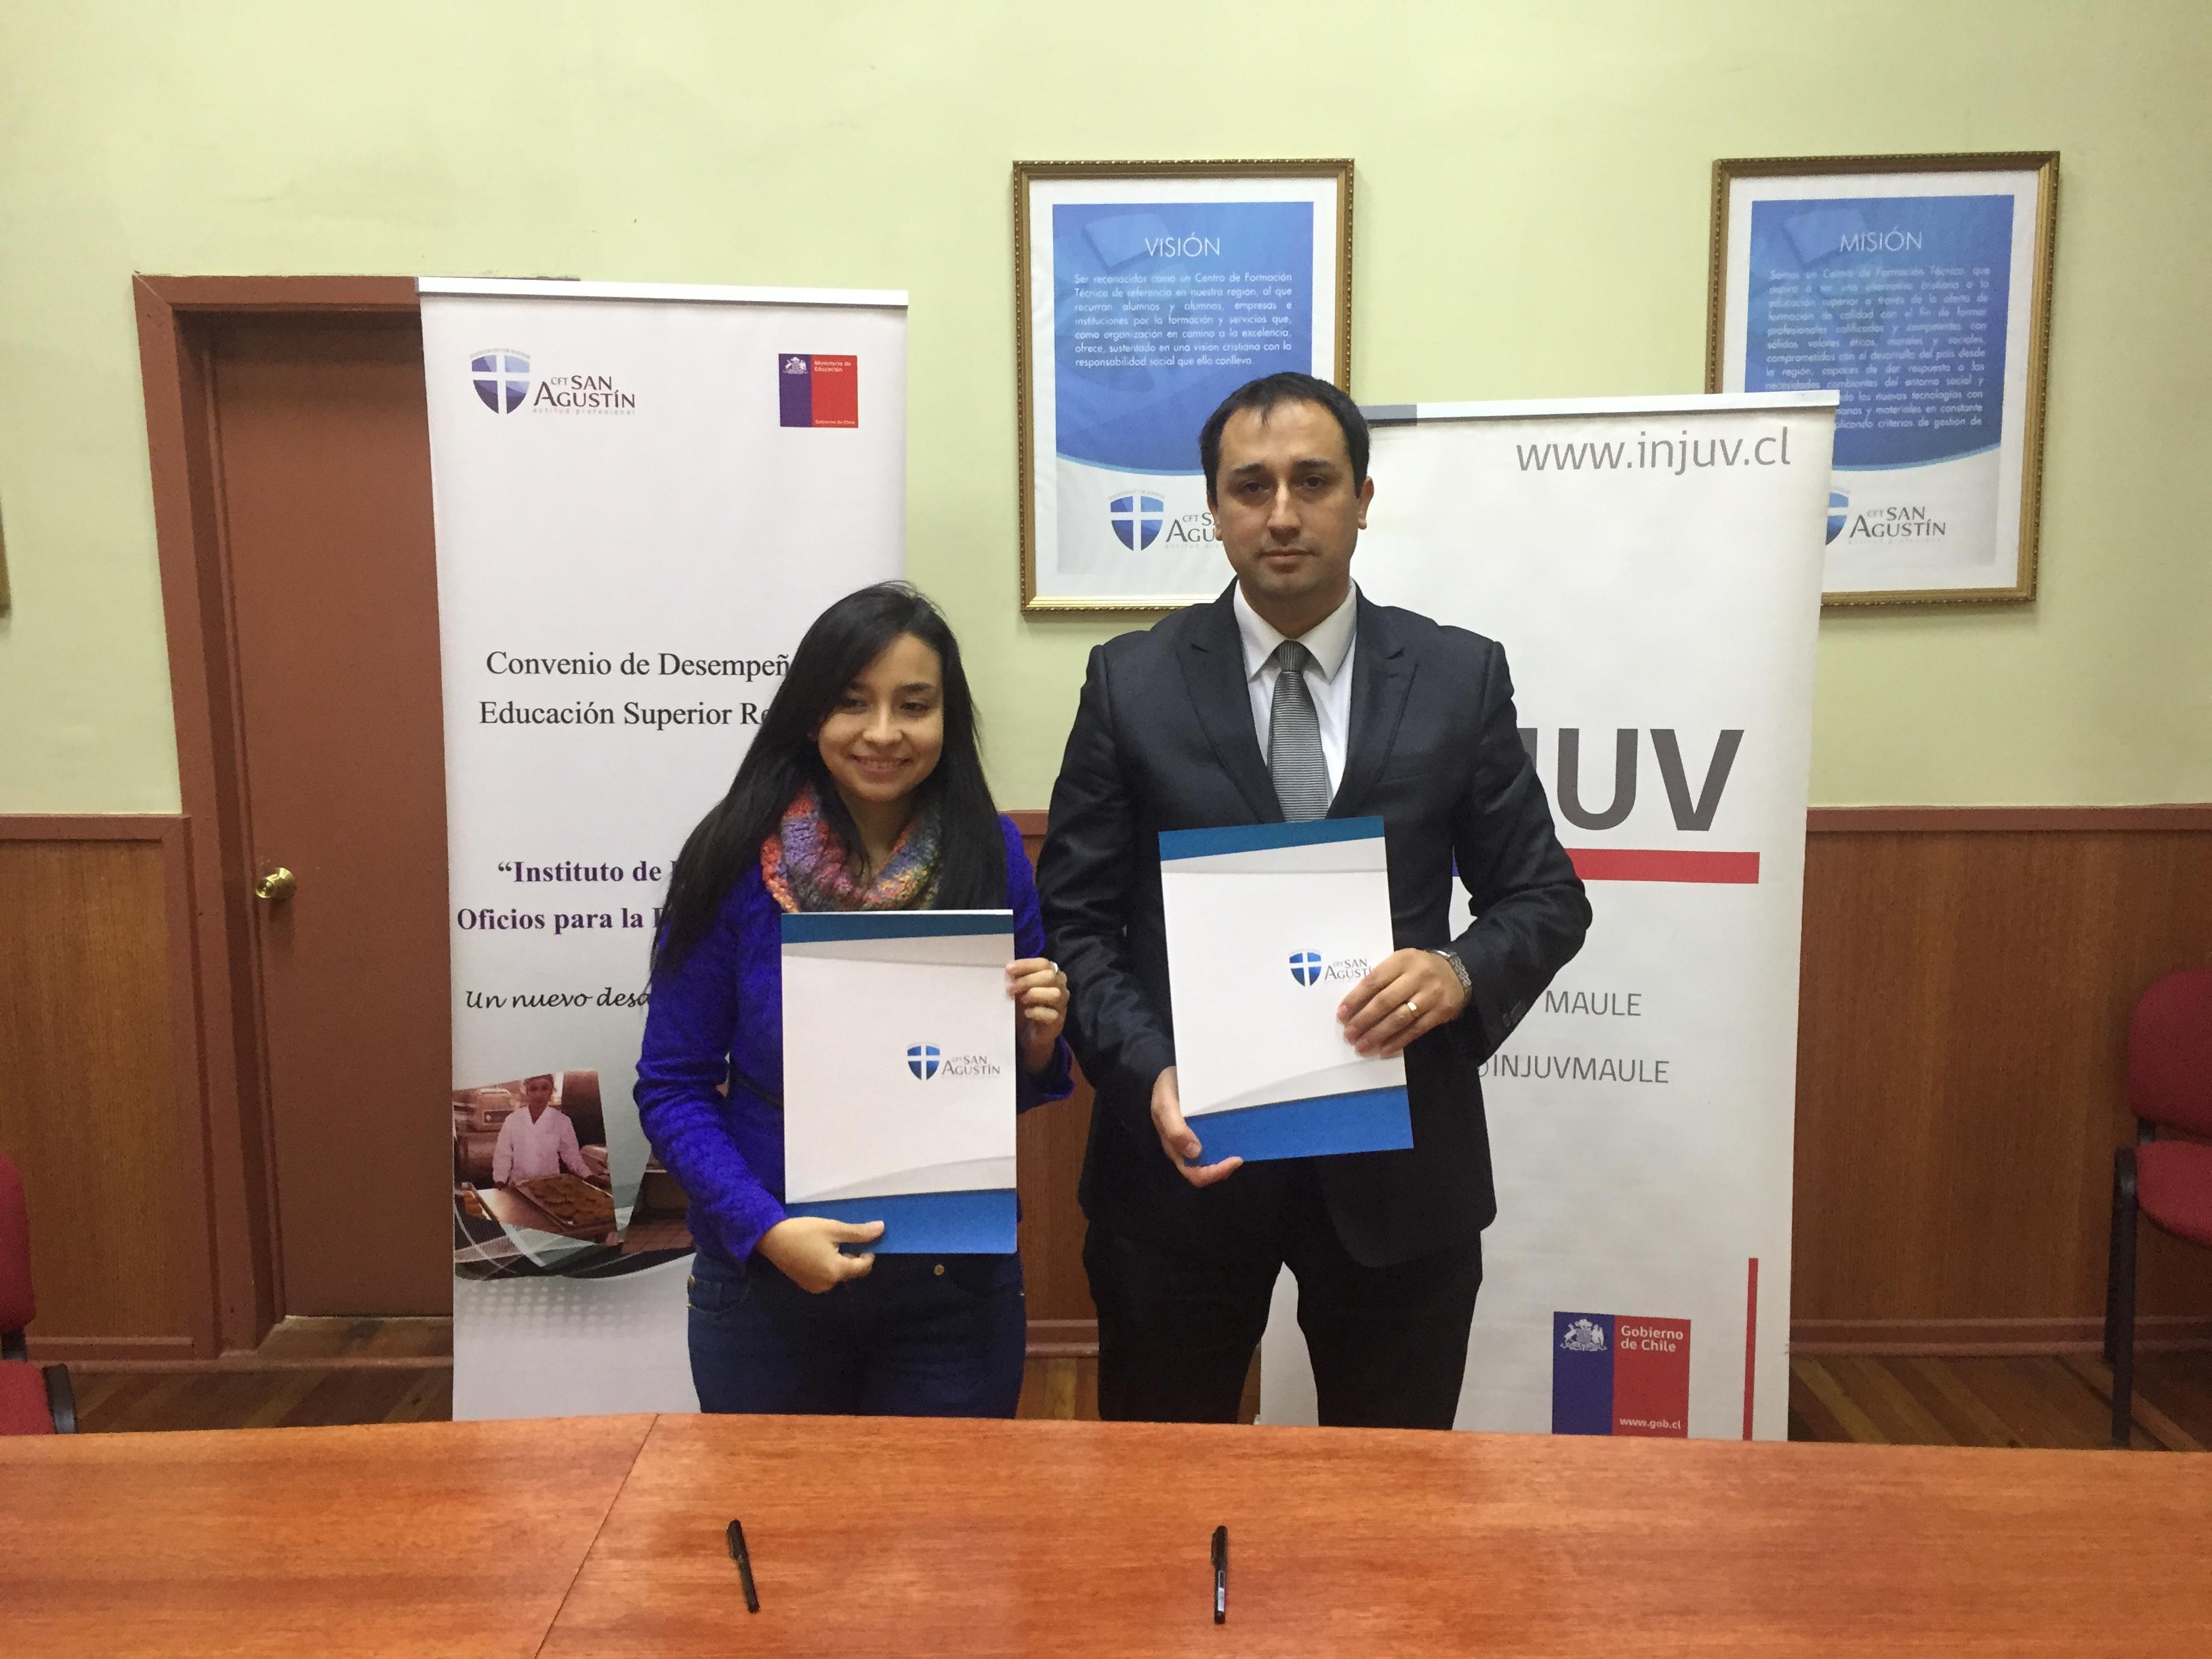 INJUV Maule firma importante convenio para capacitar a jóvenes de la región